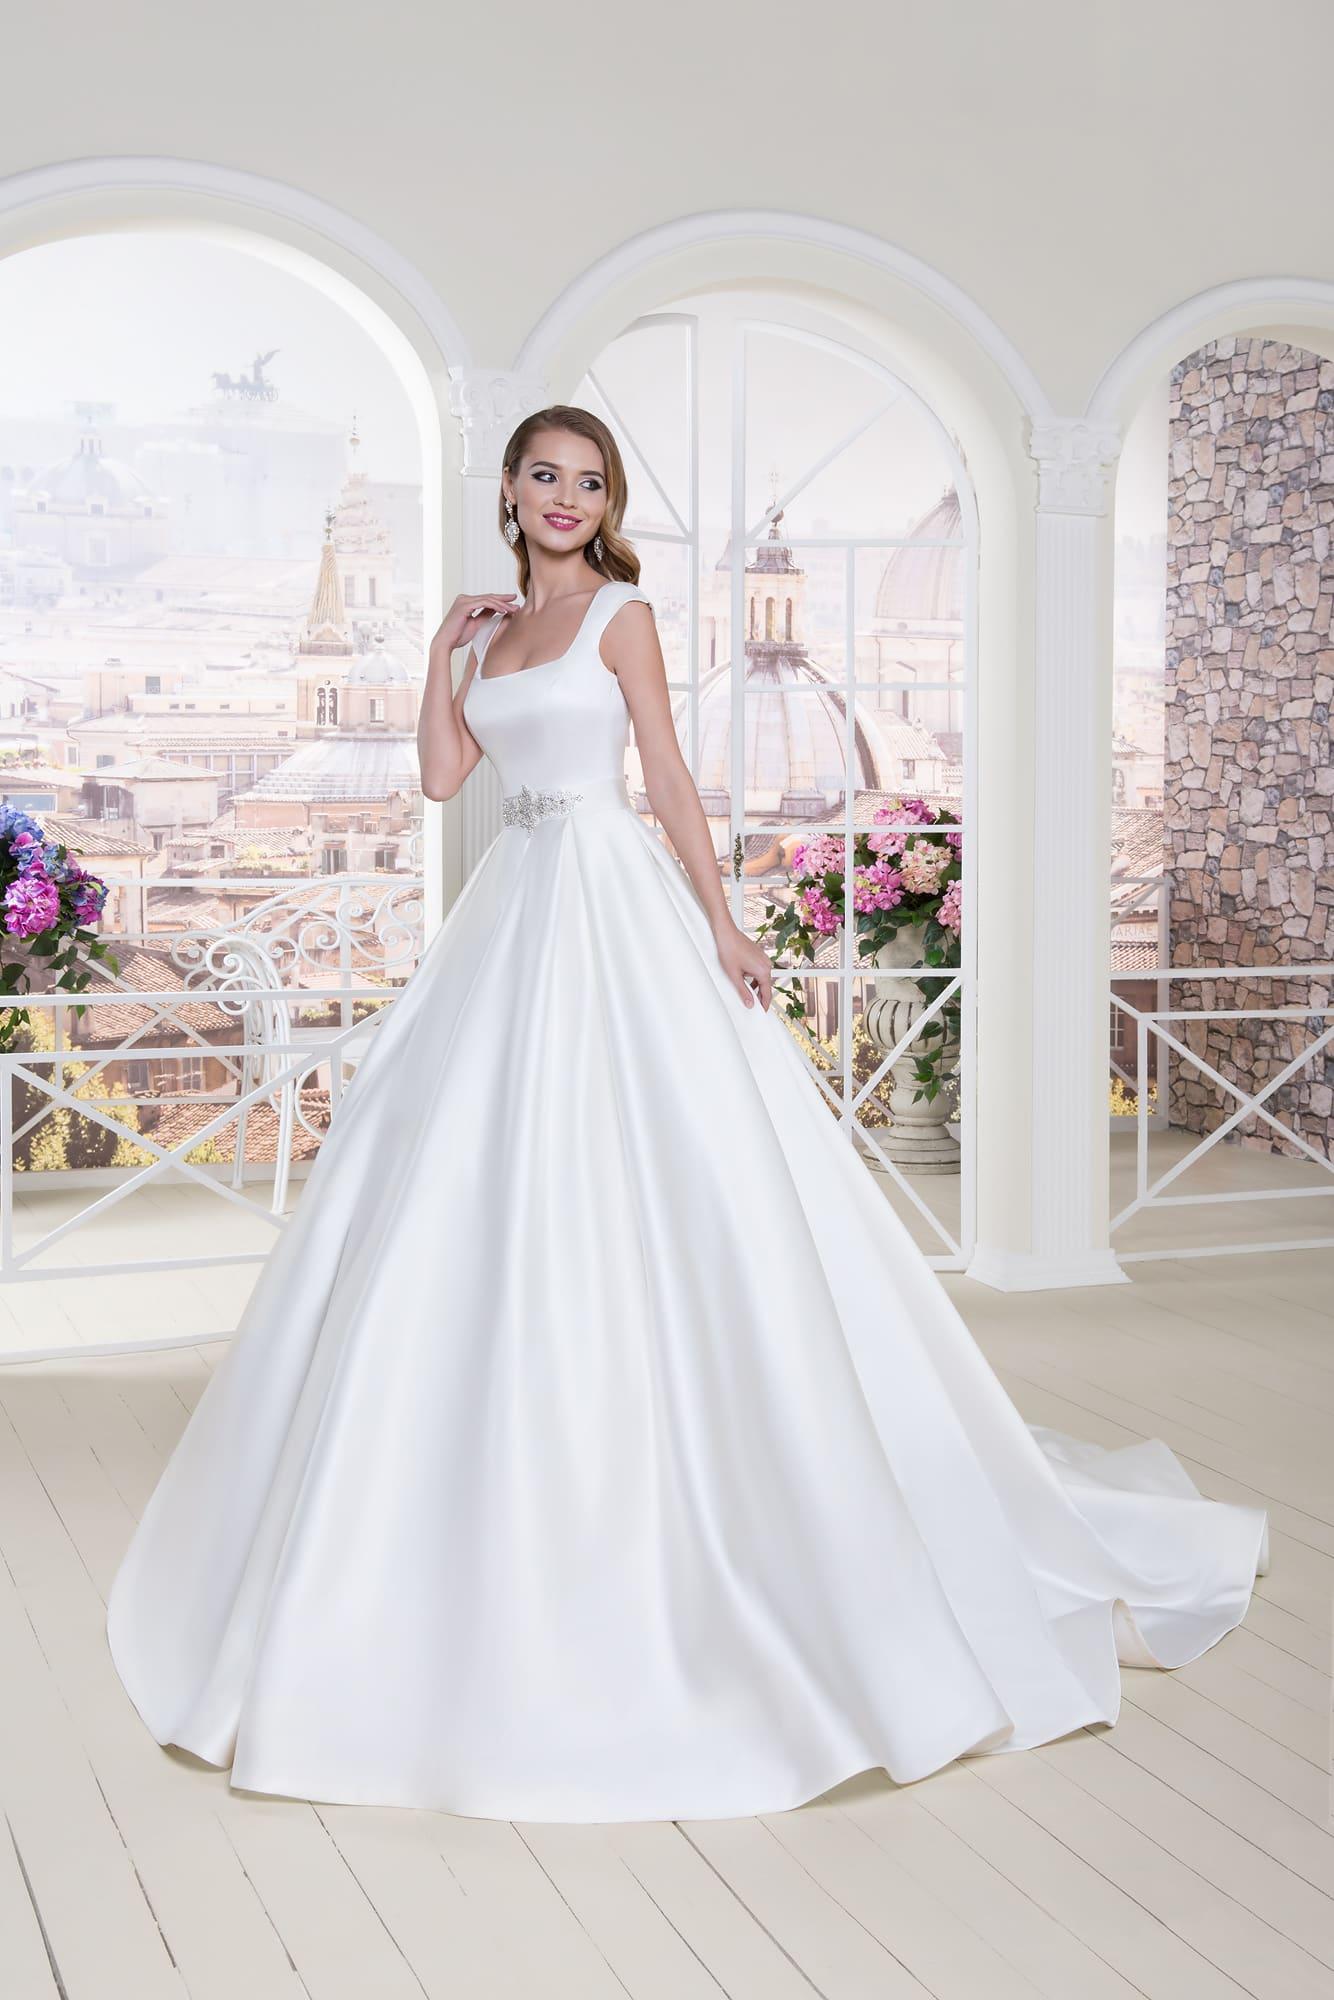 78d83ad1d7878fb Атласное свадебное платье с лаконичным верхом с коротким рукавом и пышной  юбкой со шлейфом.